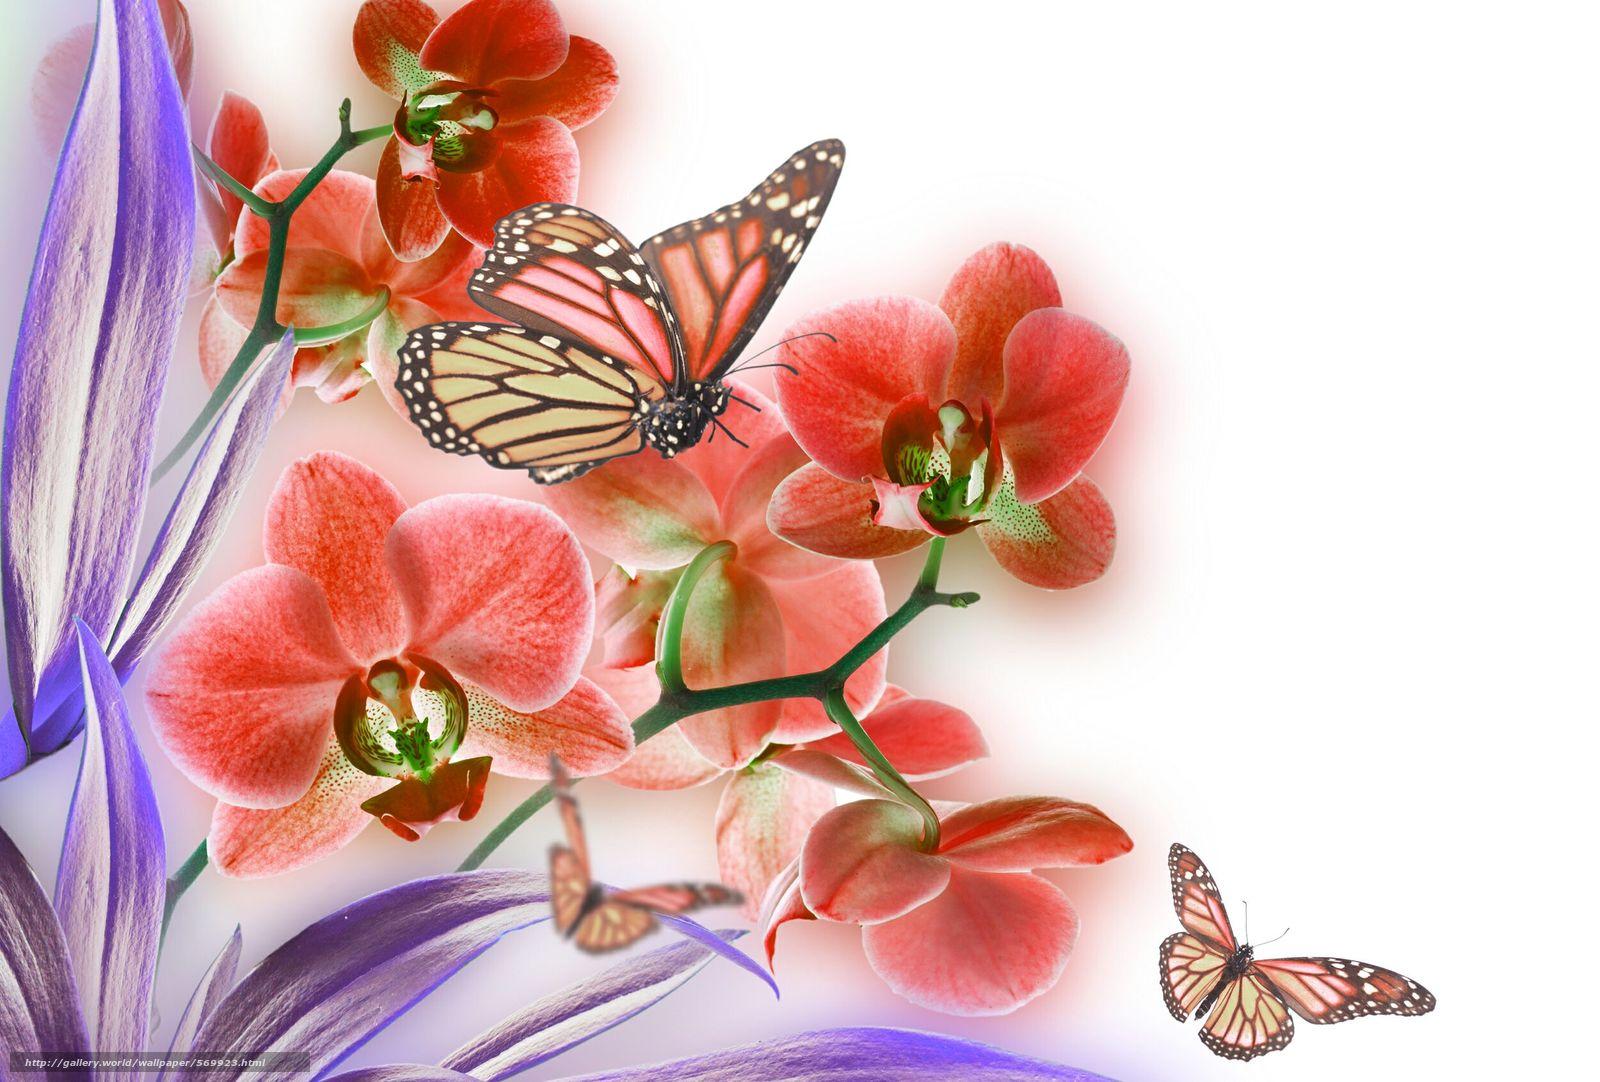 Скачать обои лист,  цветок,  природа,  орхидея бесплатно для рабочего стола в разрешении 2500x1690 — картинка №569923